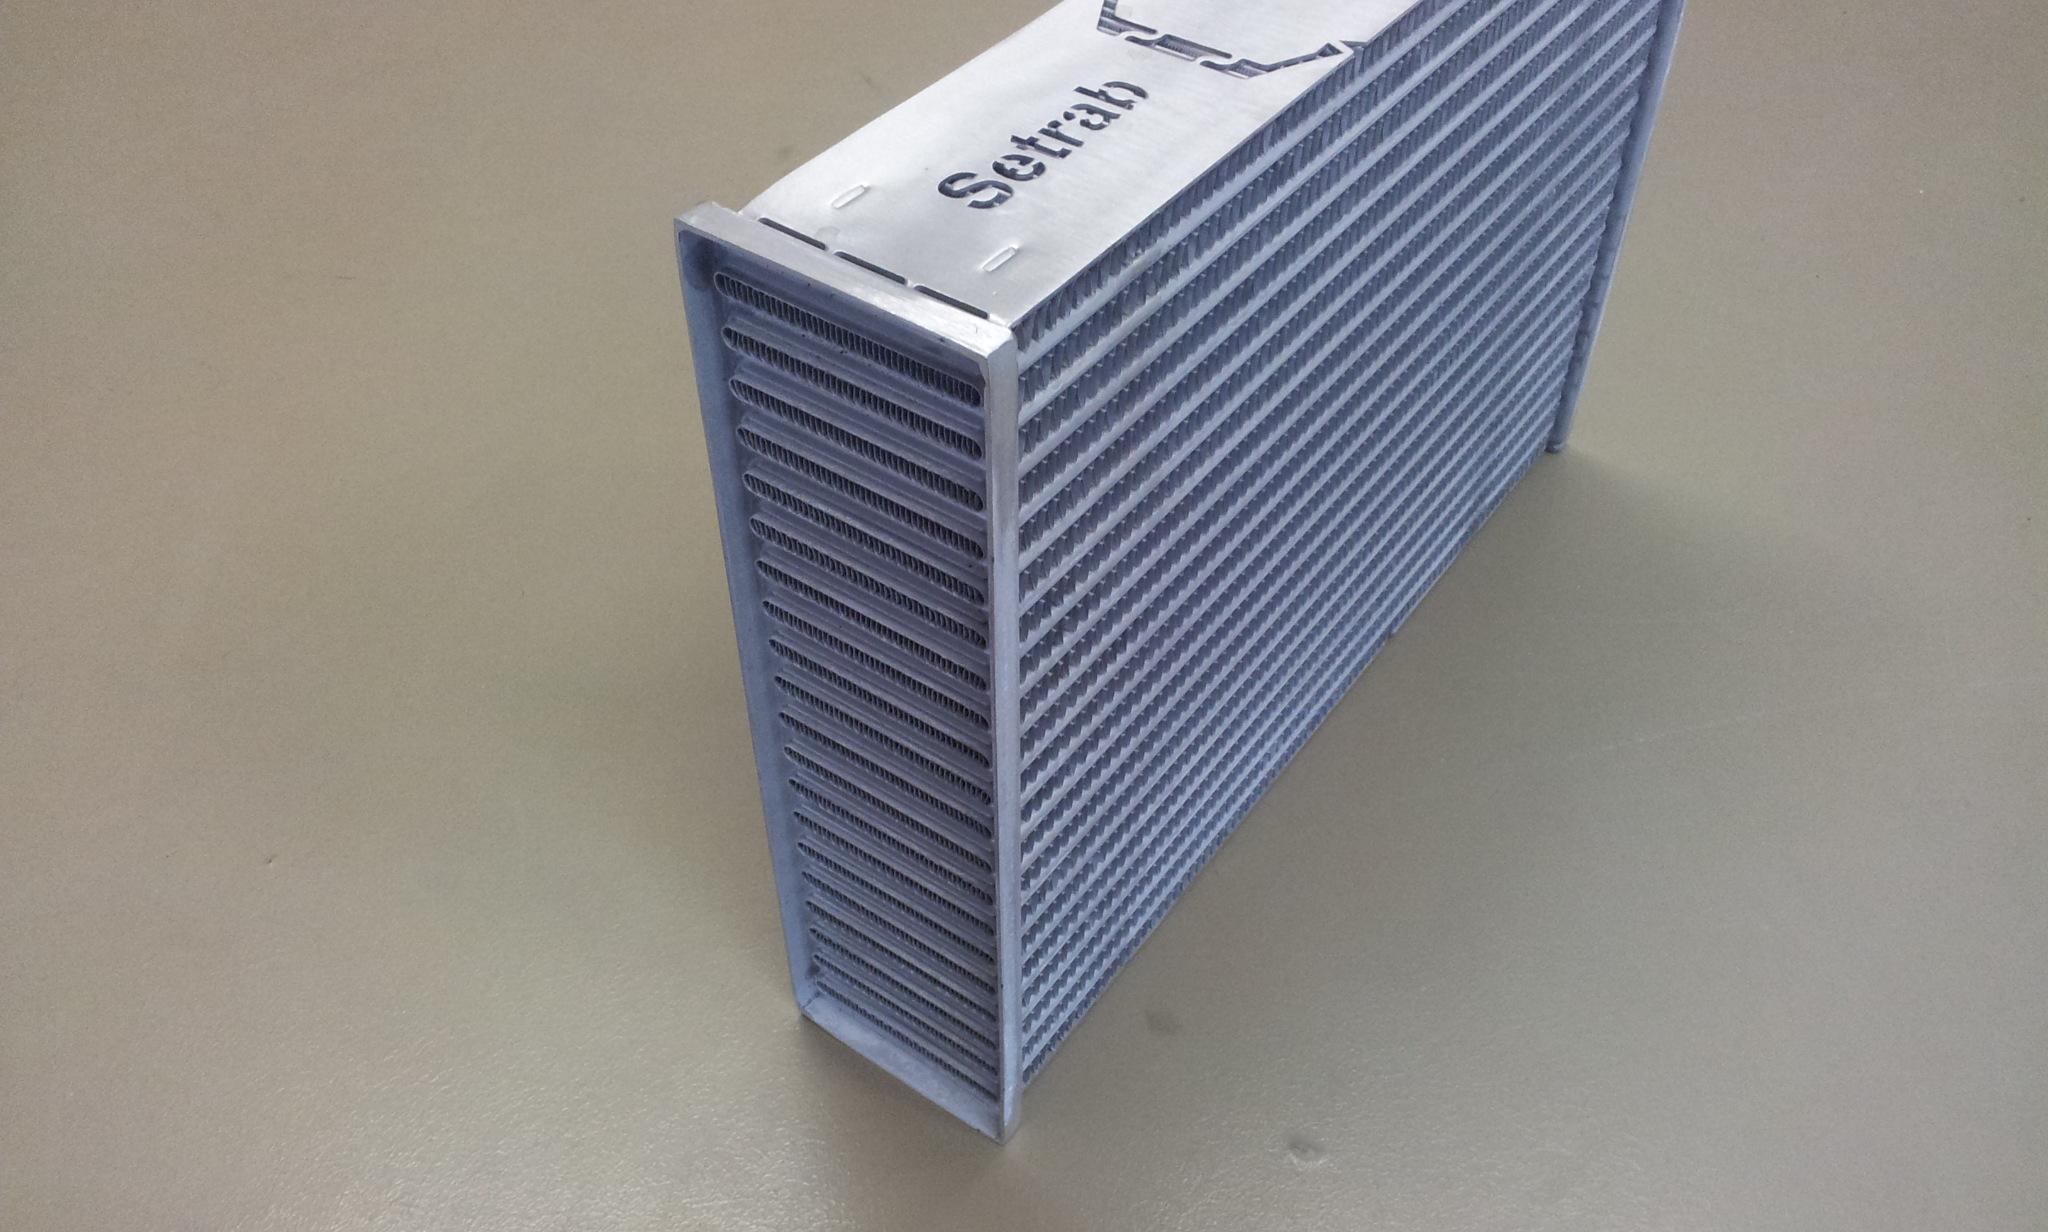 Setrab proline interkoeler koelblok 580 x 276 x 70-0